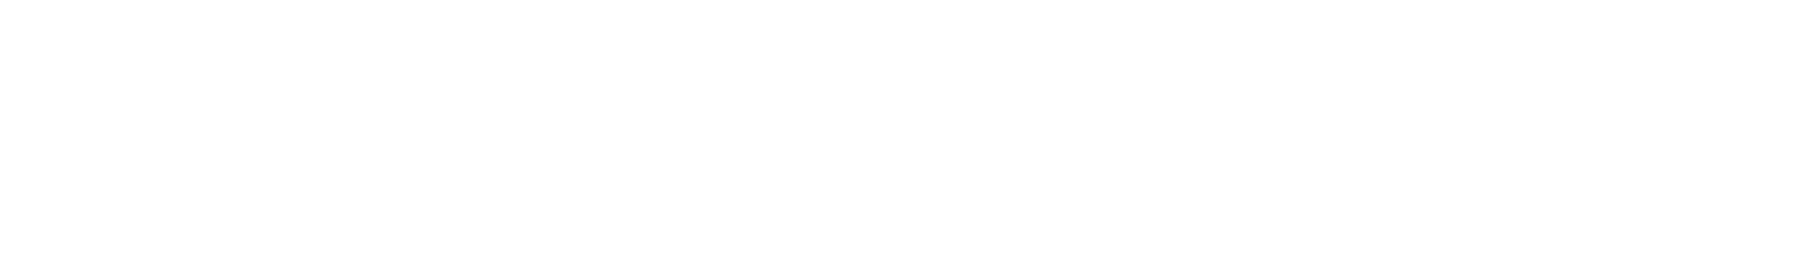 vedh melodyloop 090 gm7 9 124bpm